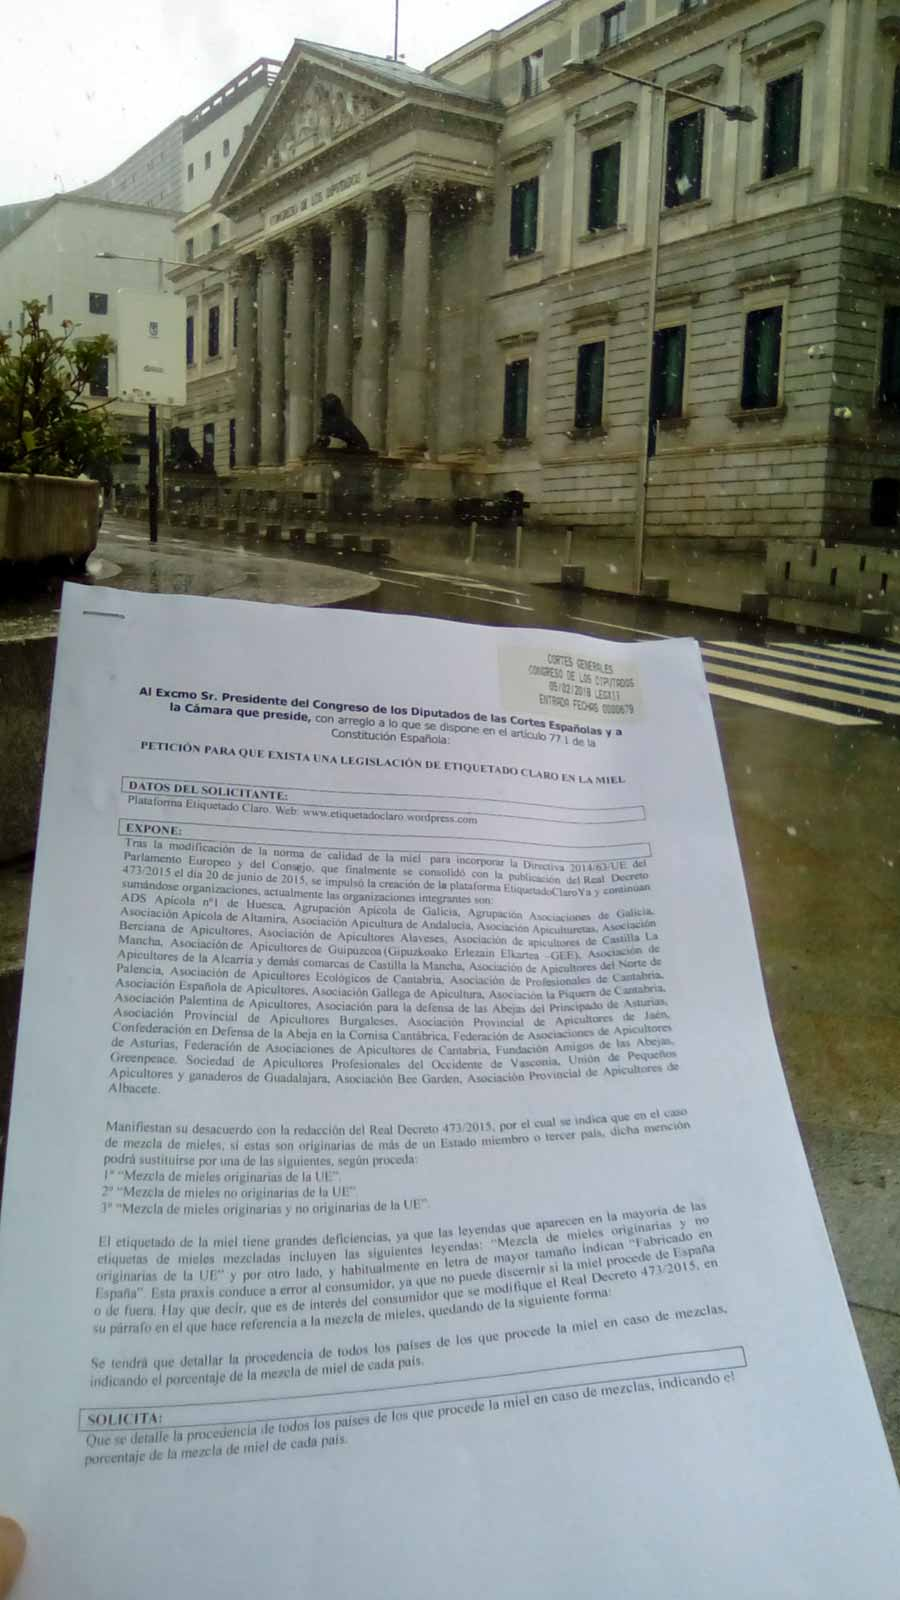 Petición presentada en el Congreso por la Plataforma Etiquetado Claro